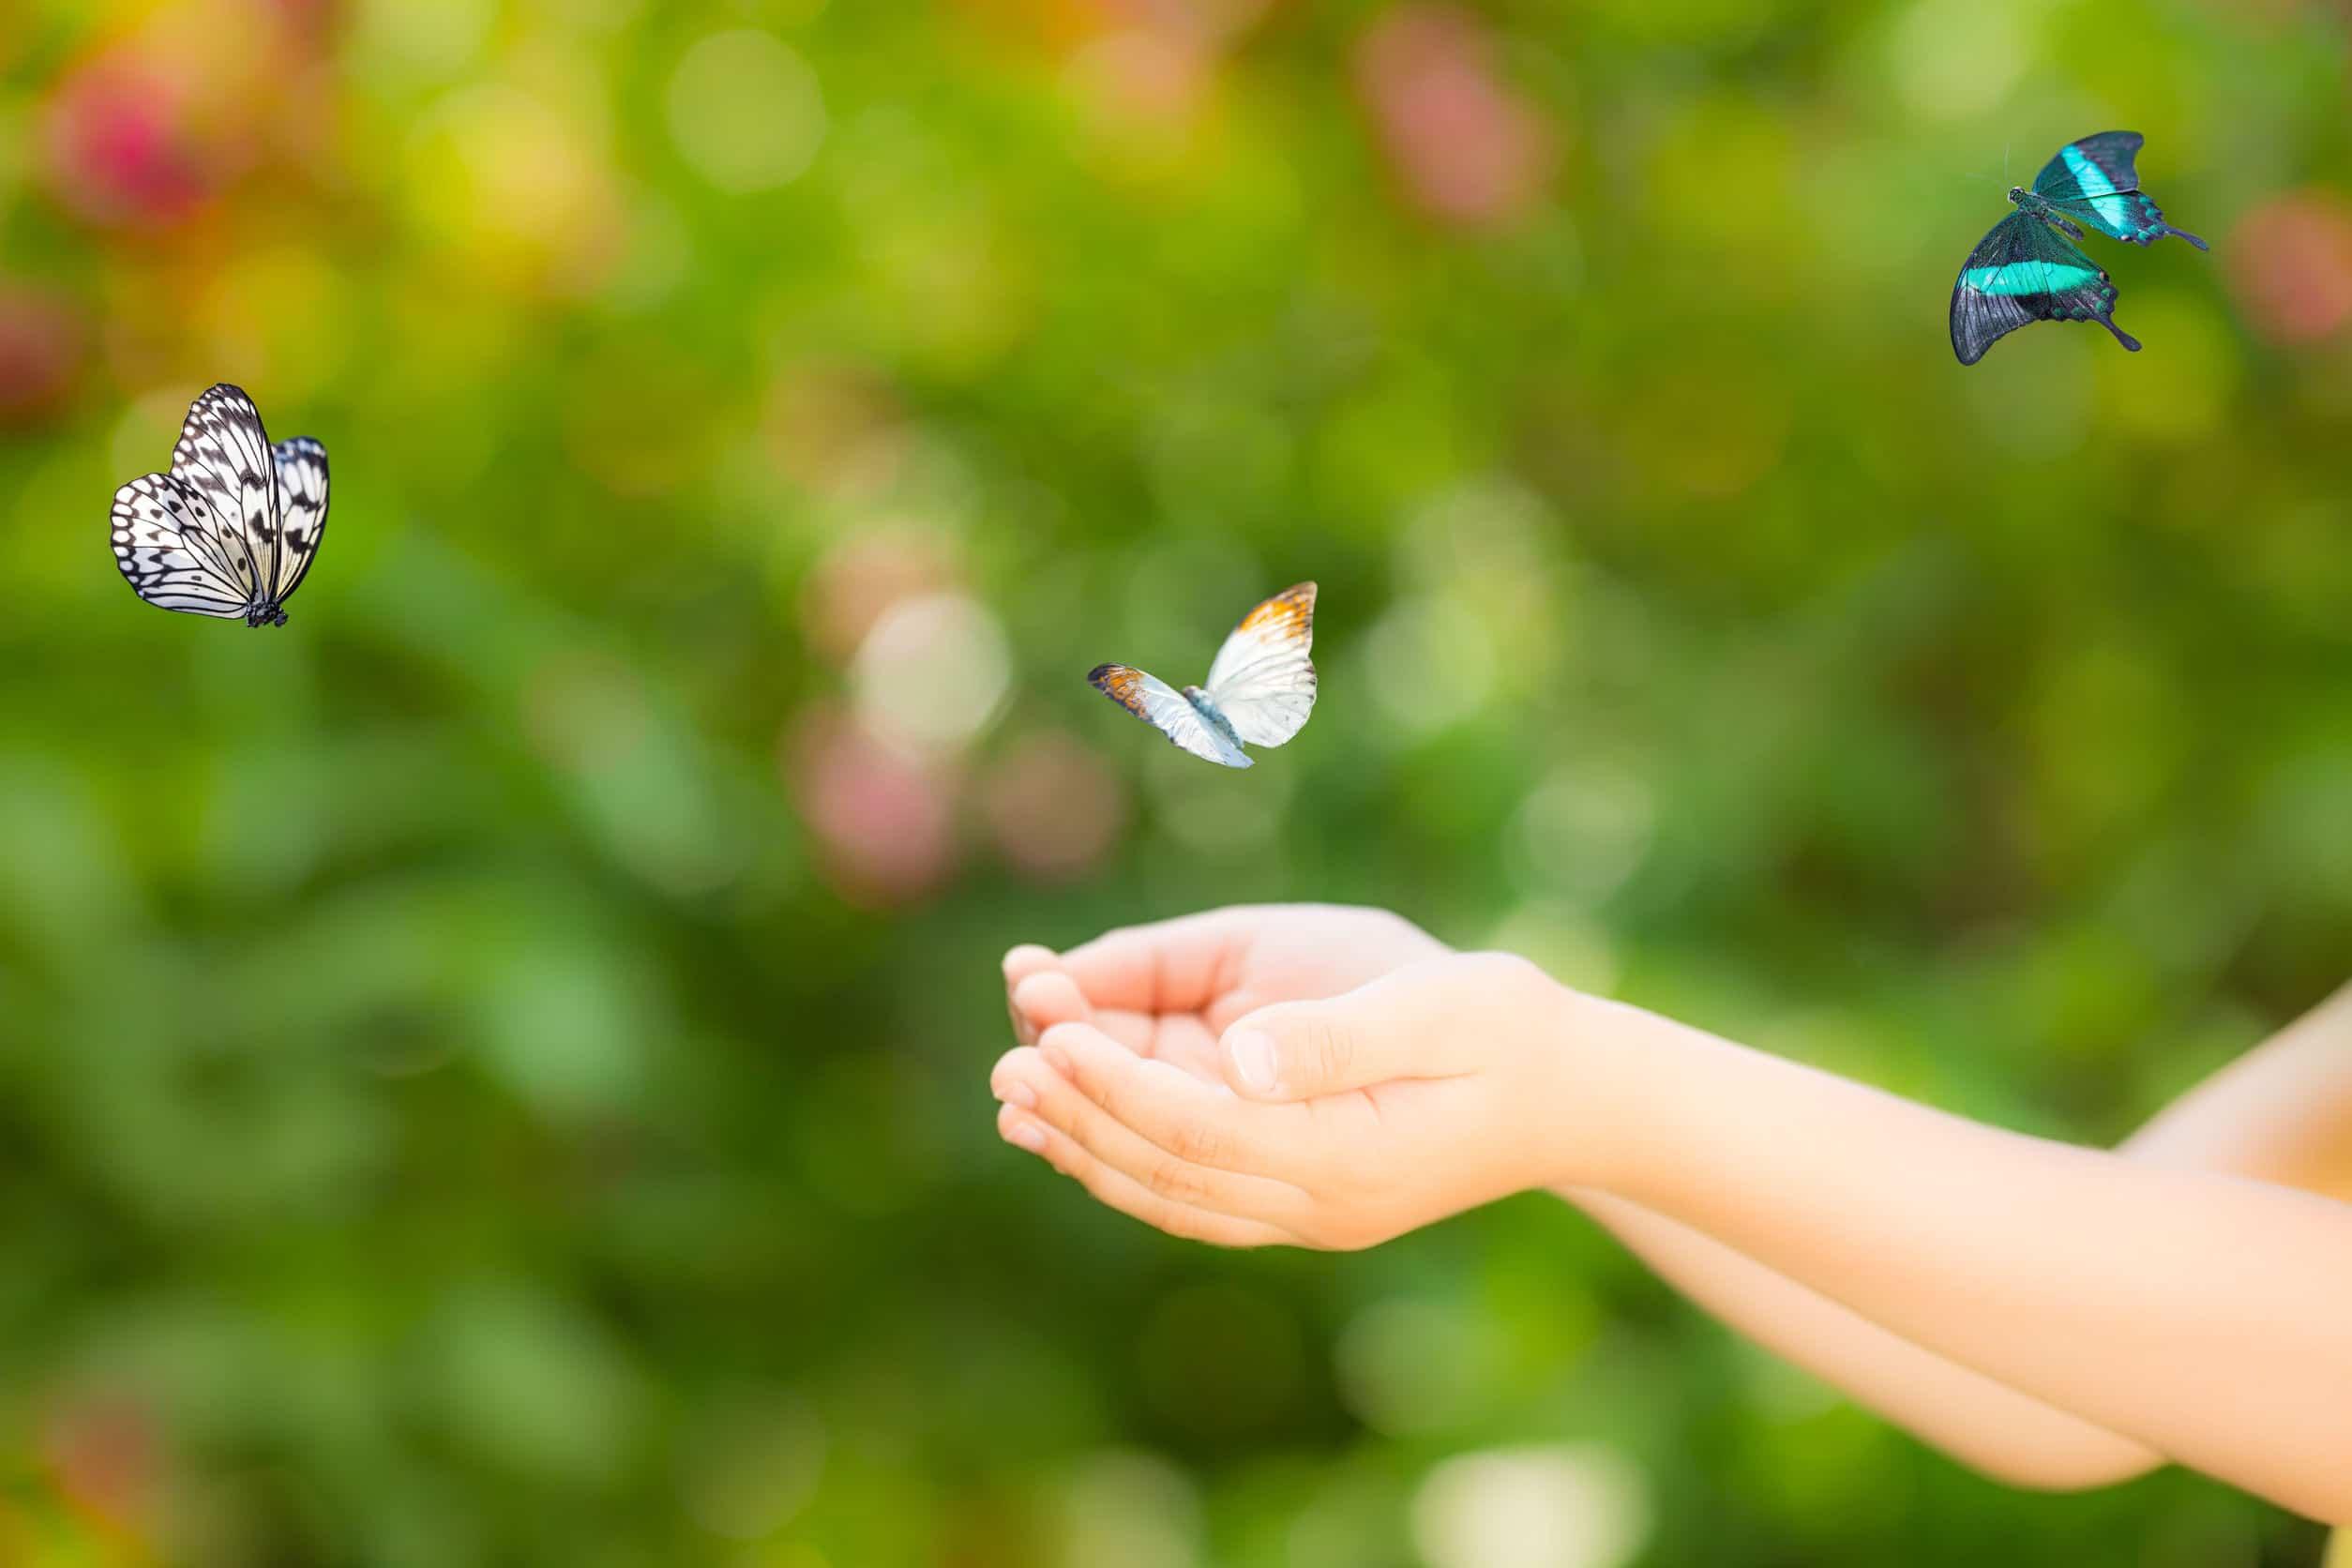 Mão de uma criança estendida enquanto três borboletas voam acima.